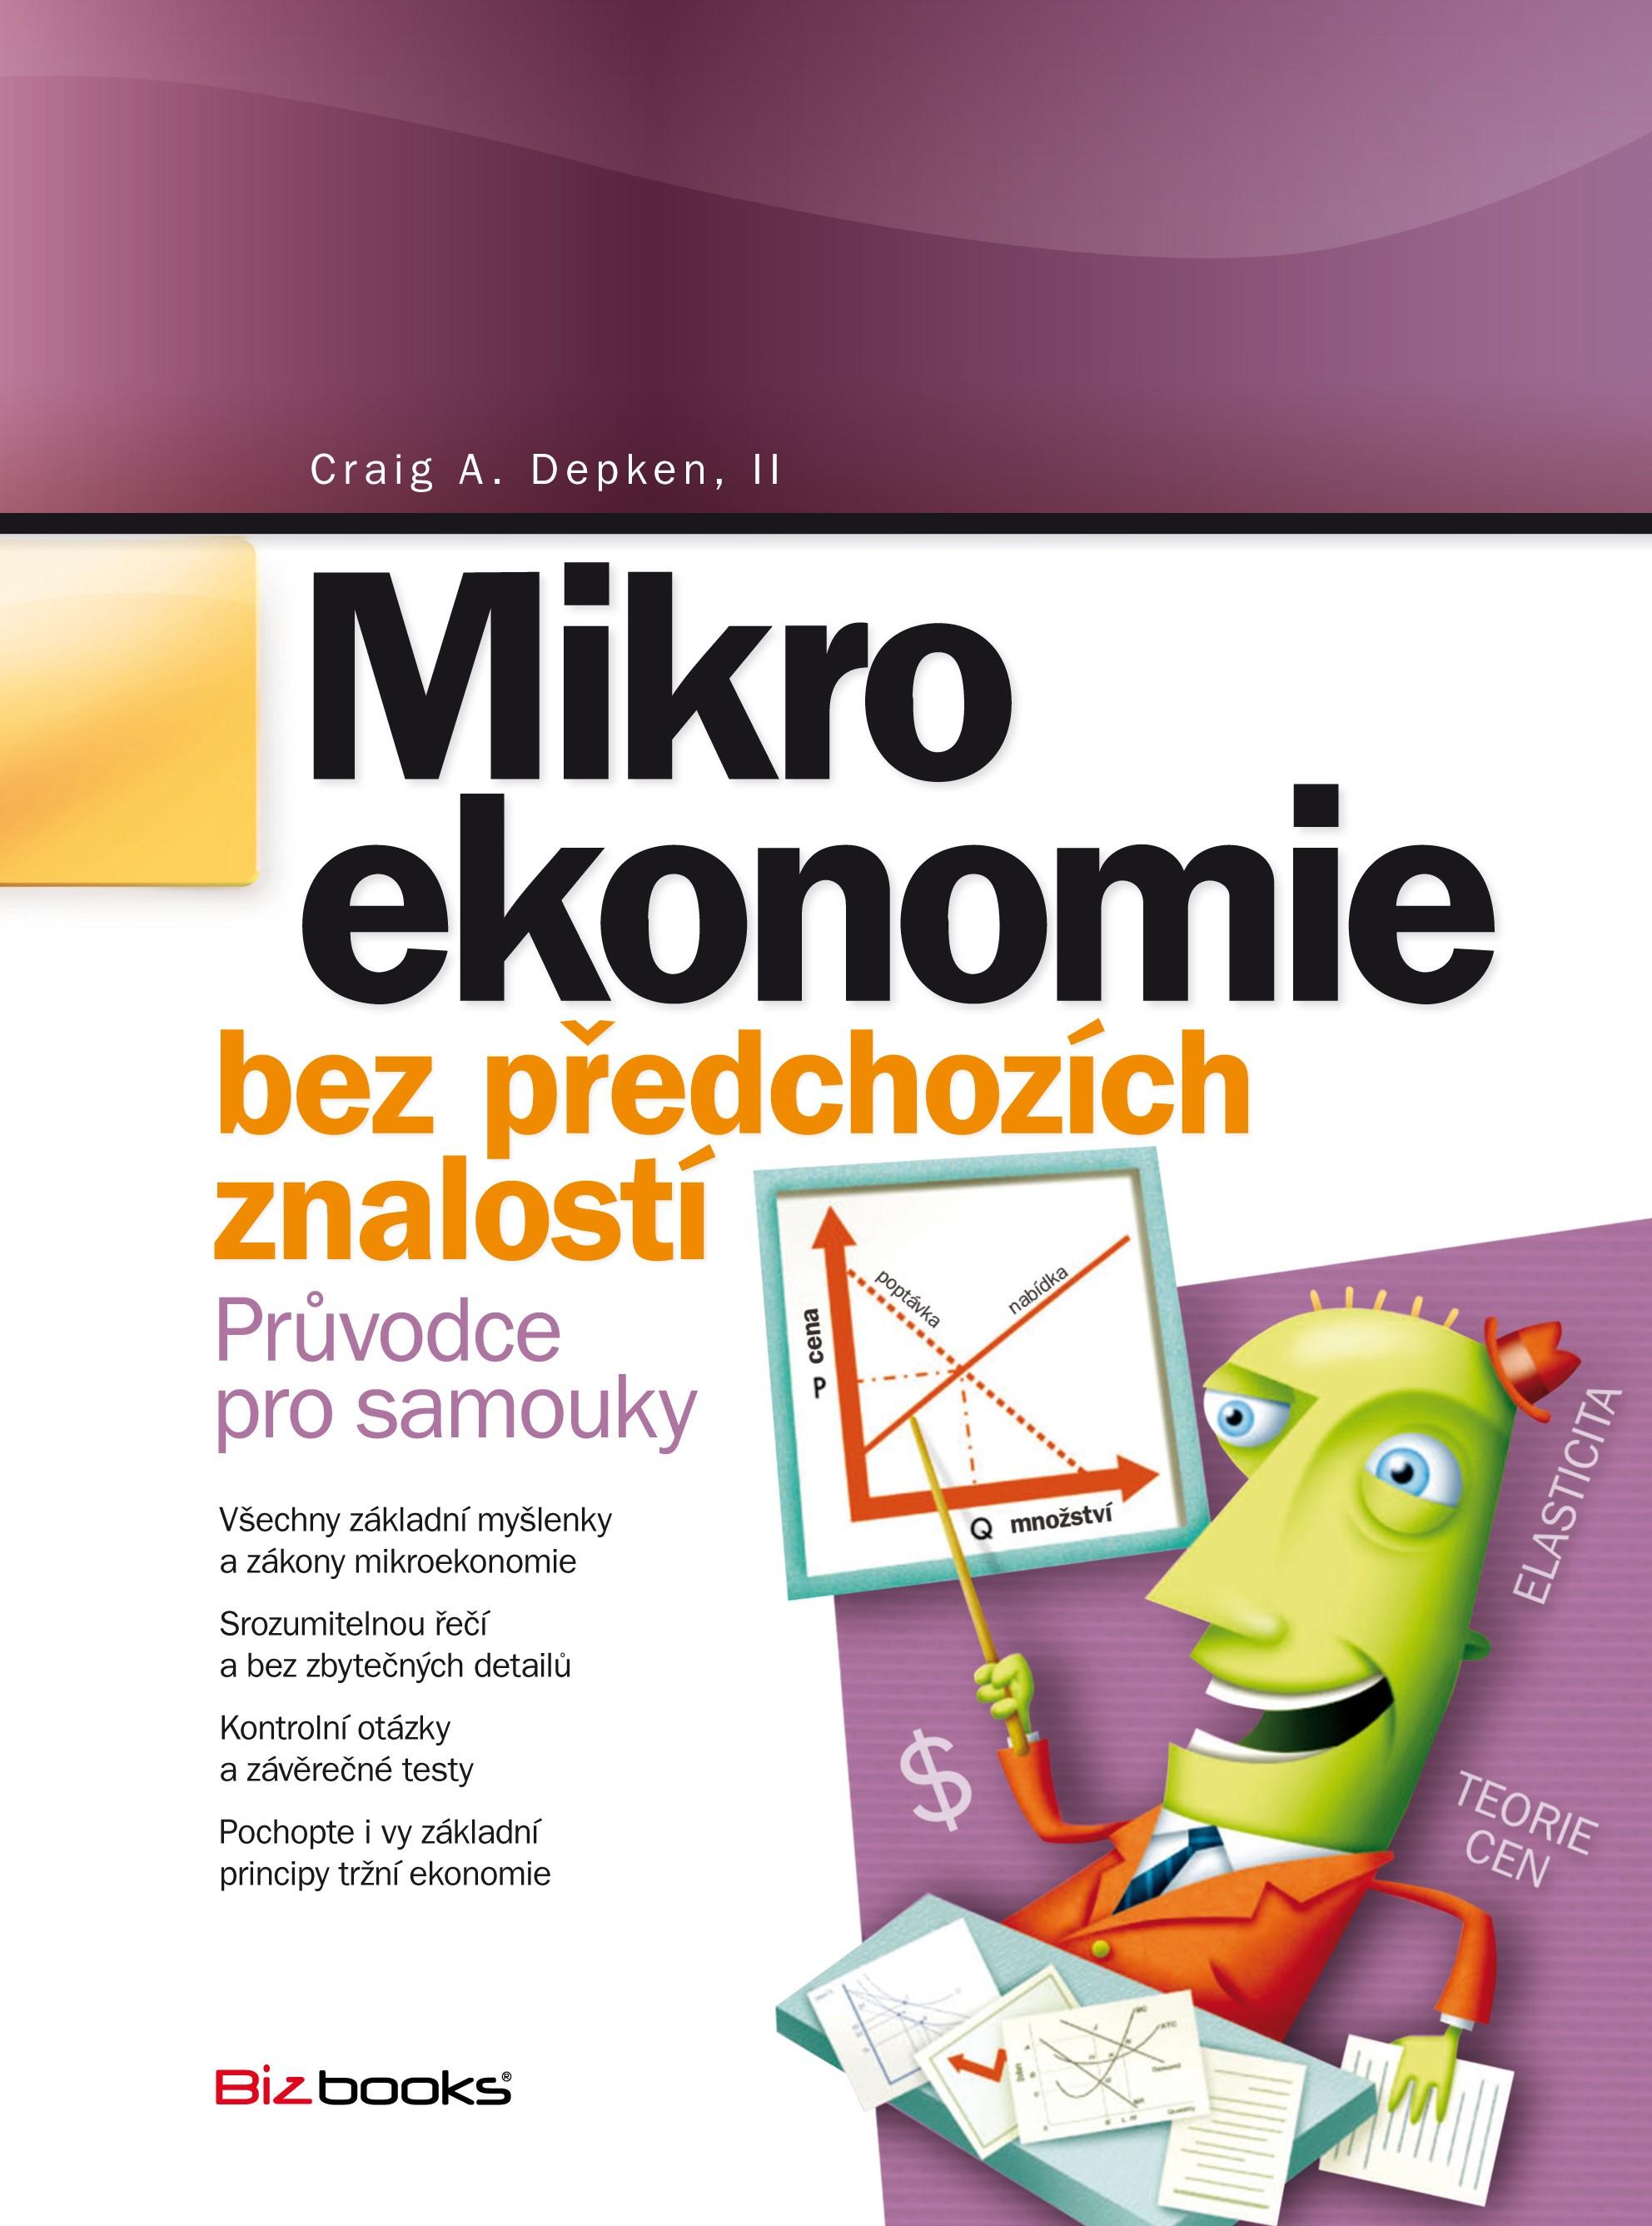 Mikroekonomie bez předchozích znalostí | Craig A. Depken